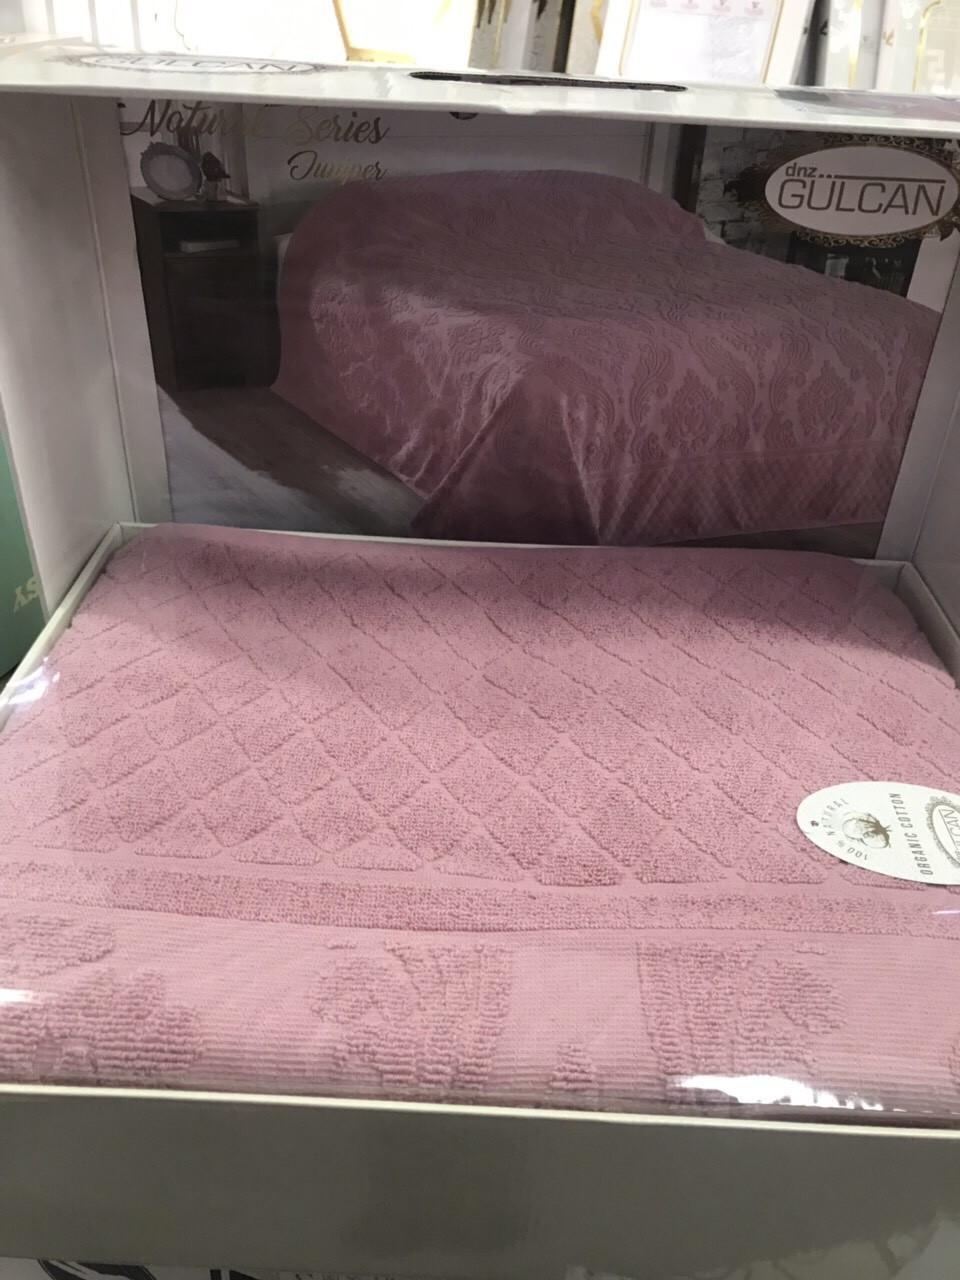 Простынь махровая жаккардовая  200 на 220 см  Gulcan розовая. Новинка 2021 года!